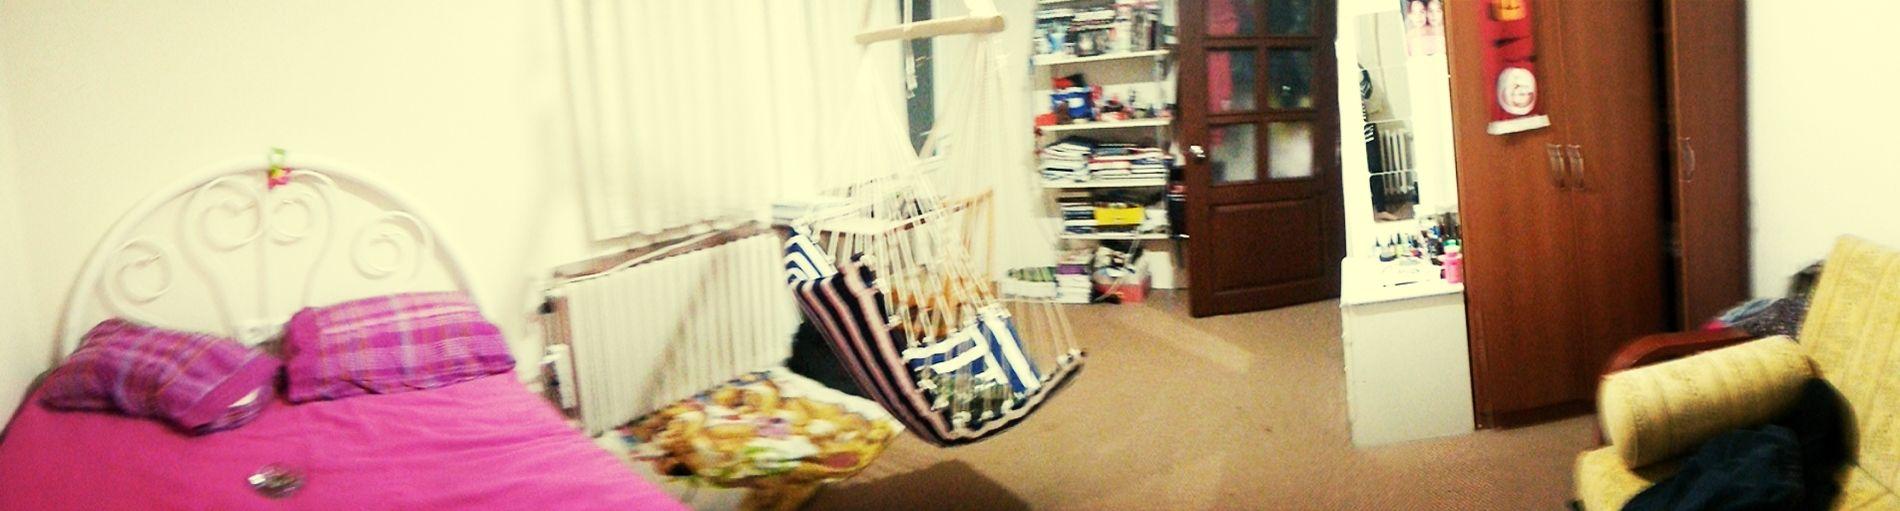 Room CleanRoom